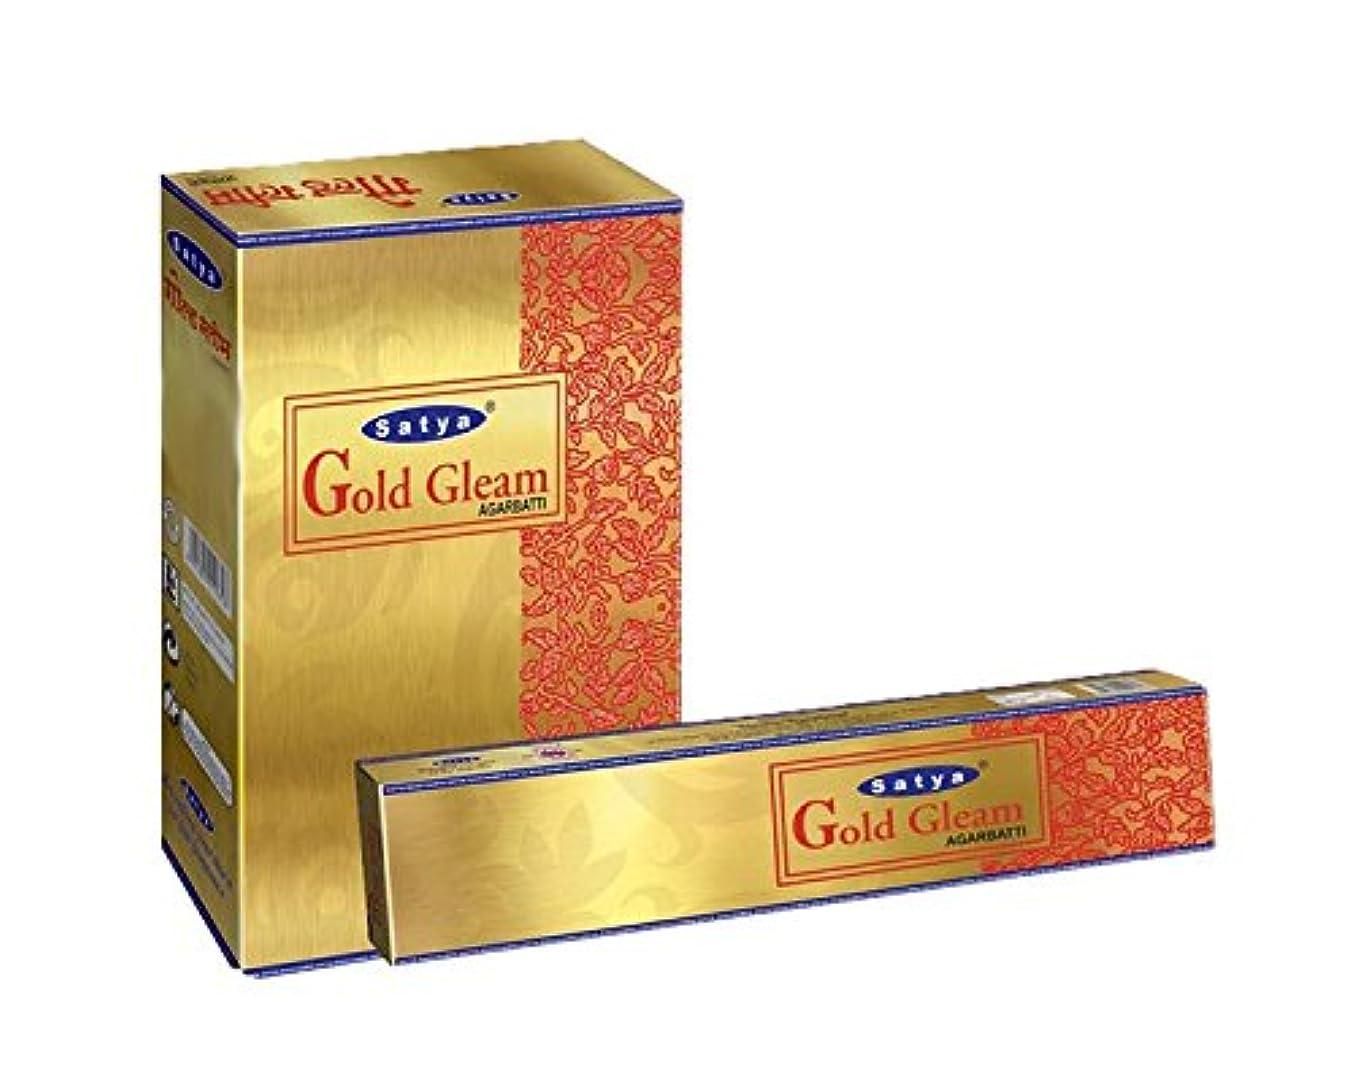 説教するきれいに必需品SatyaゴールドGleam Incense Sticksボックス240 gmsボックス